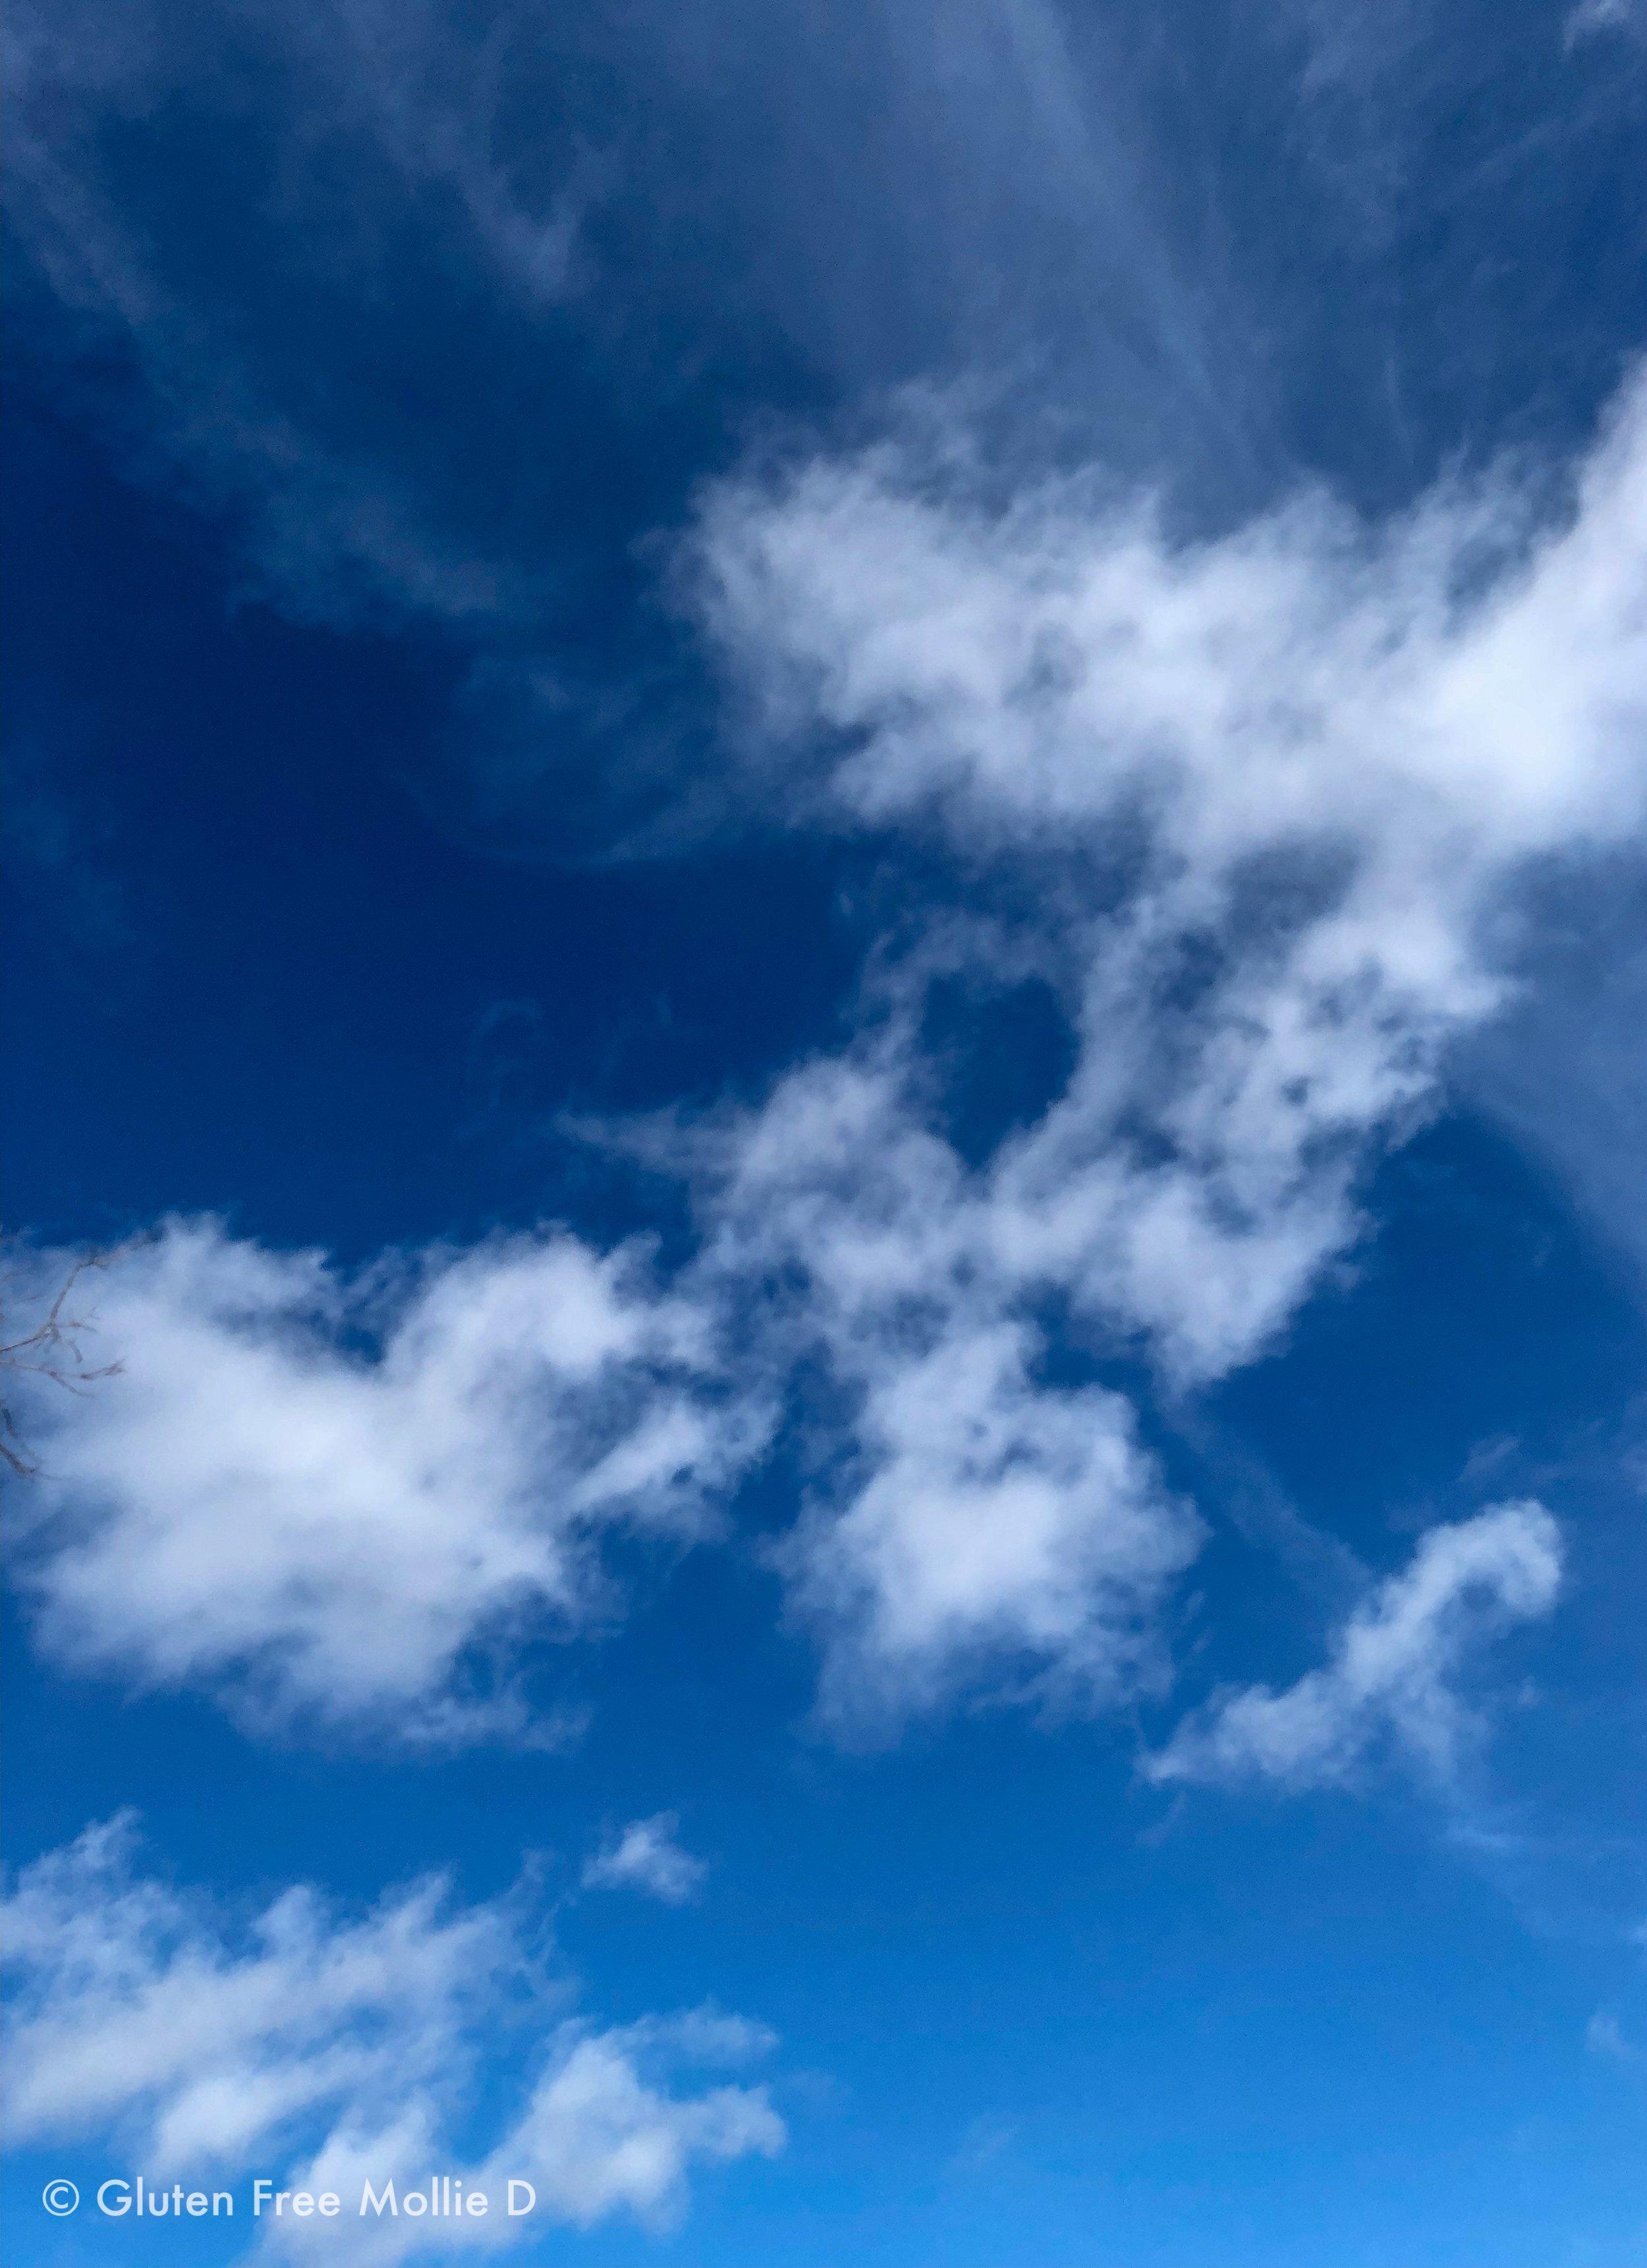 Sunday morning's sky. 😍